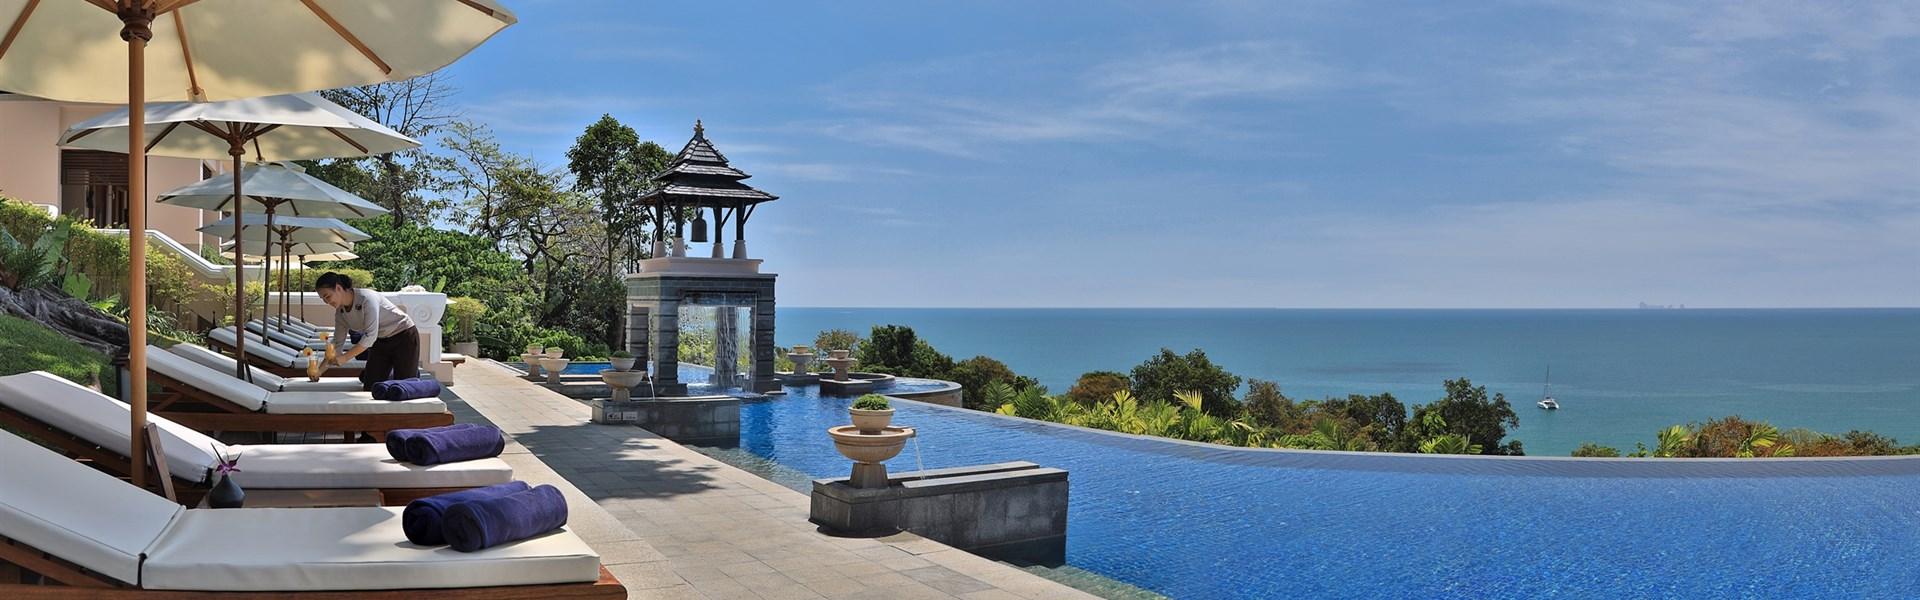 Marco Polo - Pimalai Resort and Spa Koh Lanta -